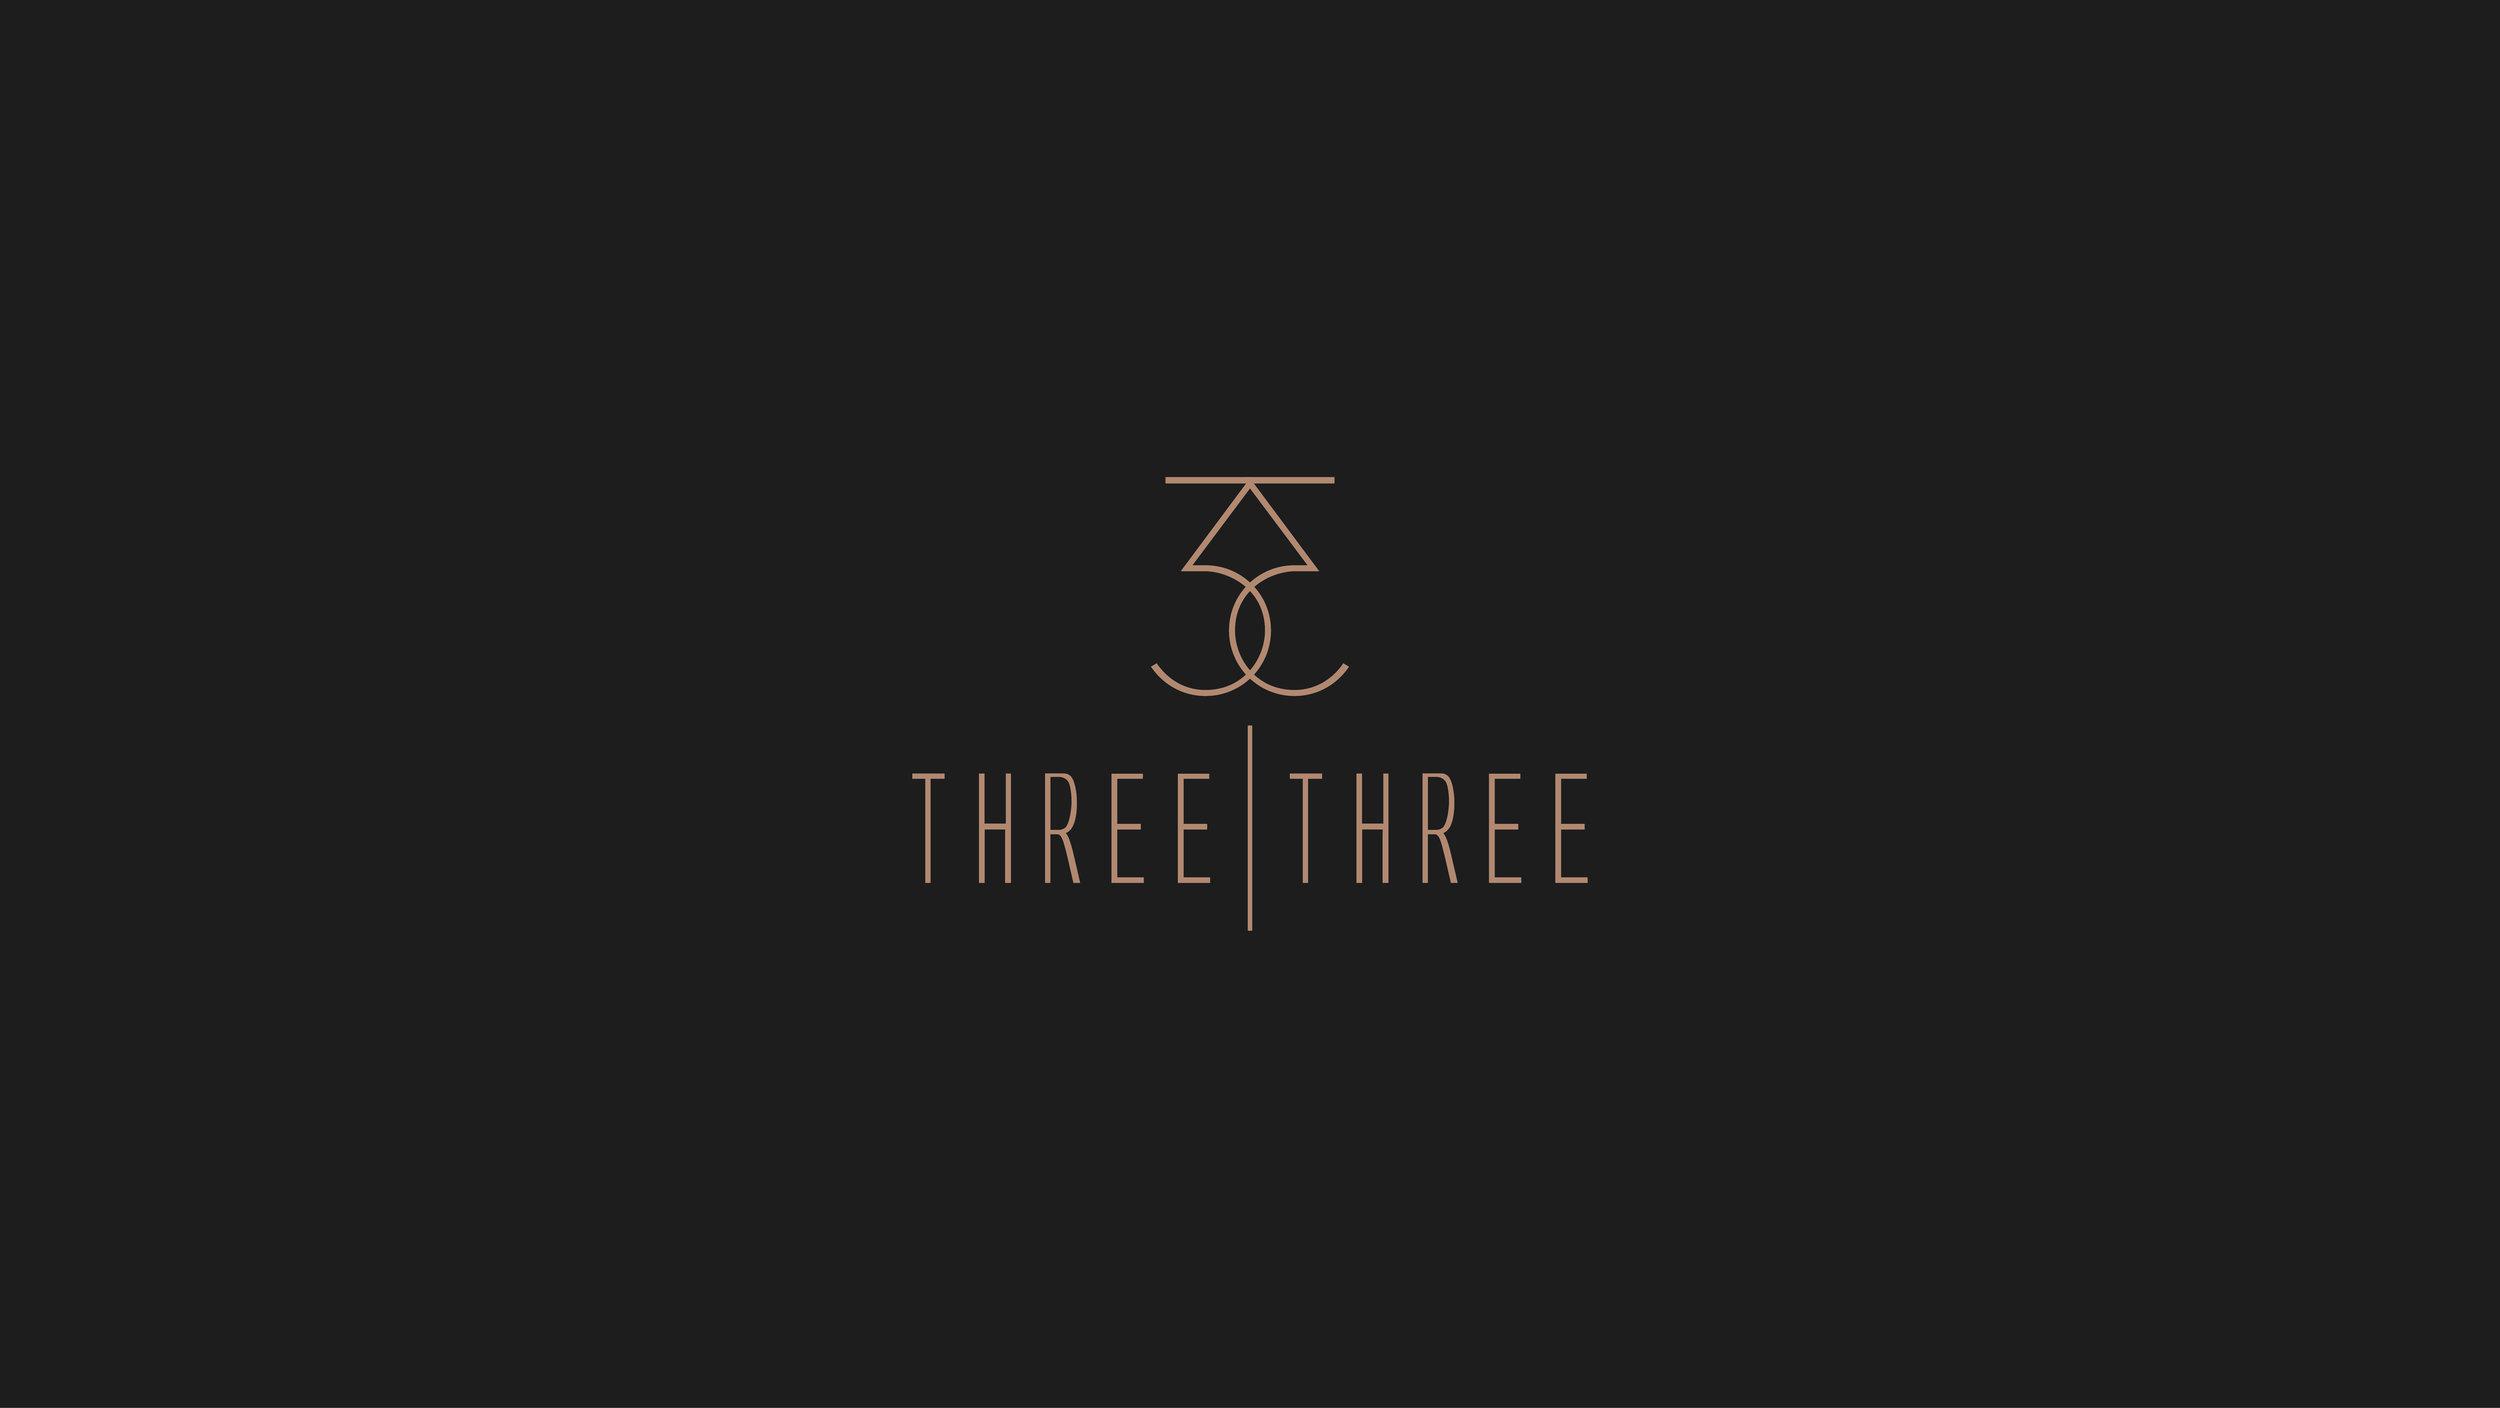 Three | Three Luxury Retail Store